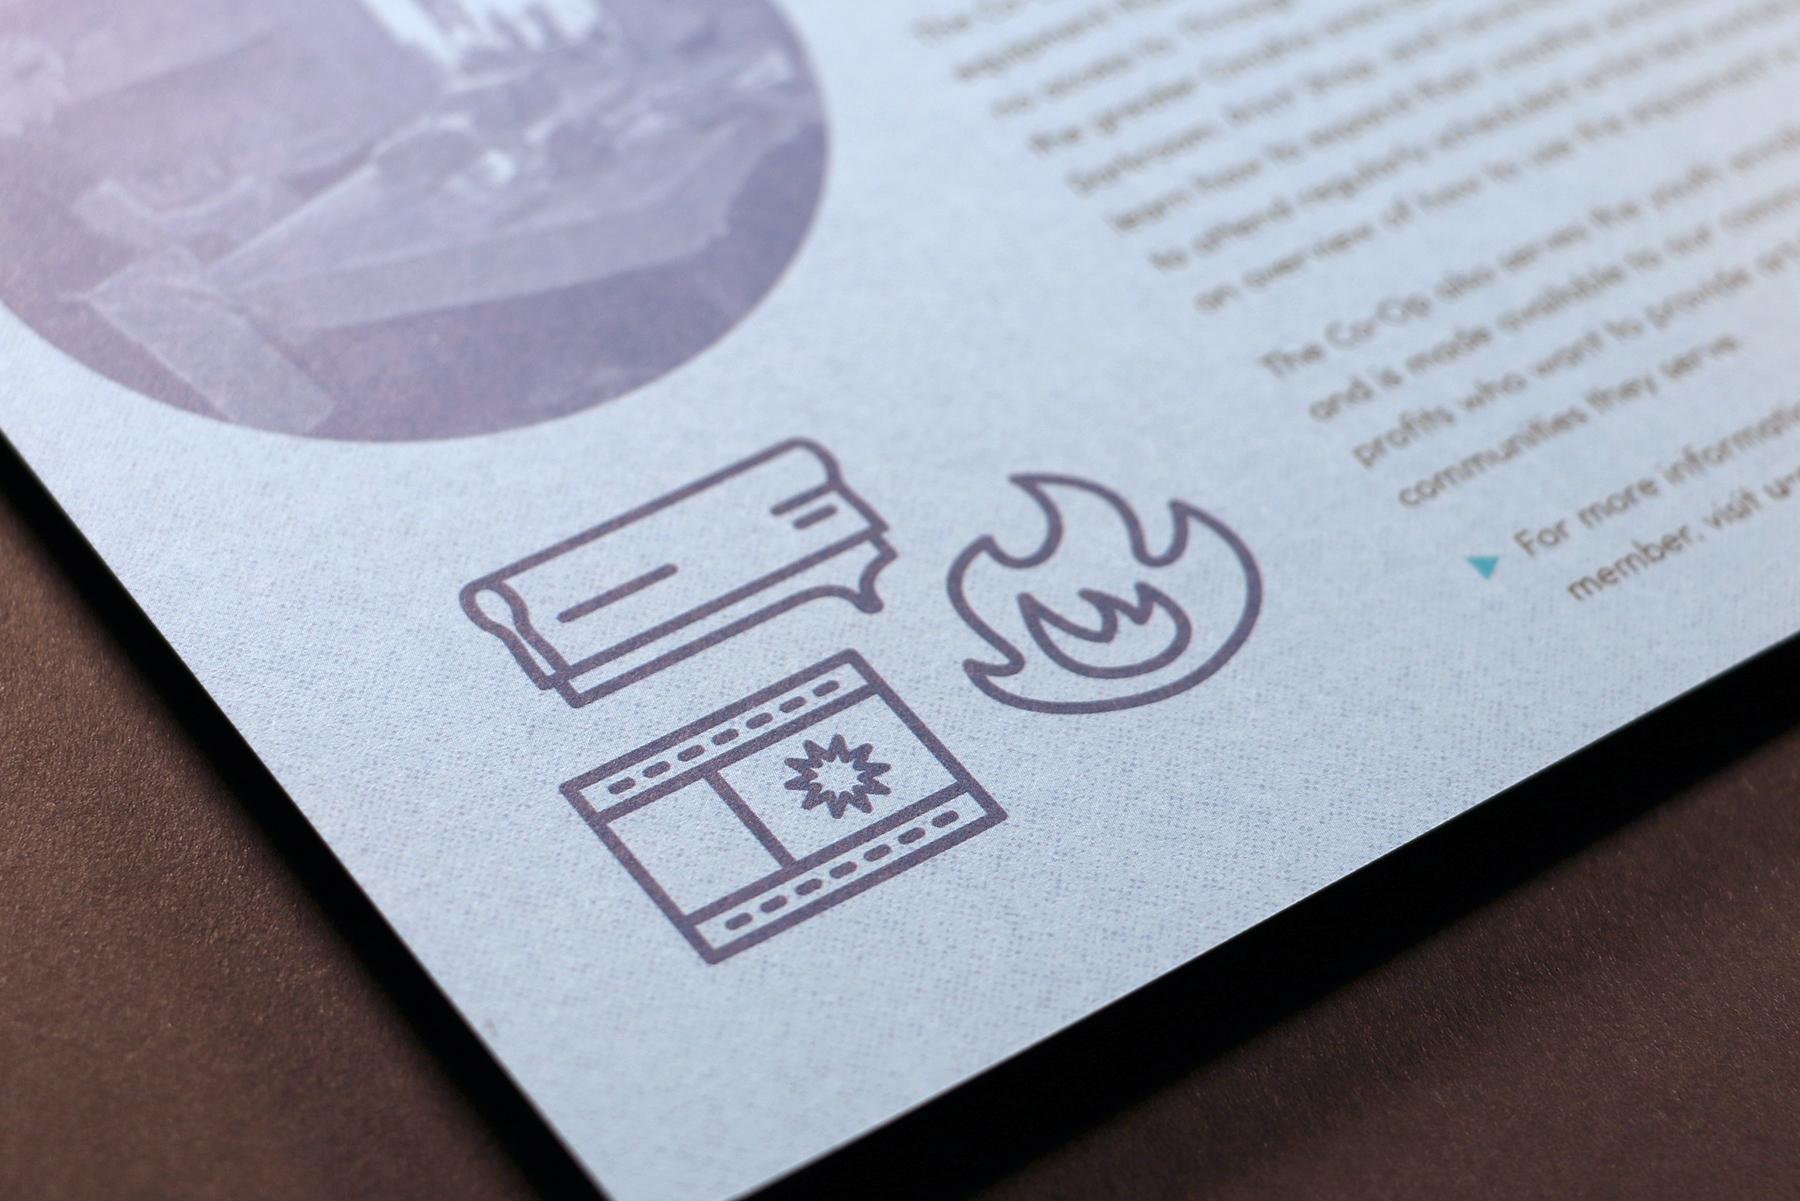 jkdc_union-brochure-6.jpg